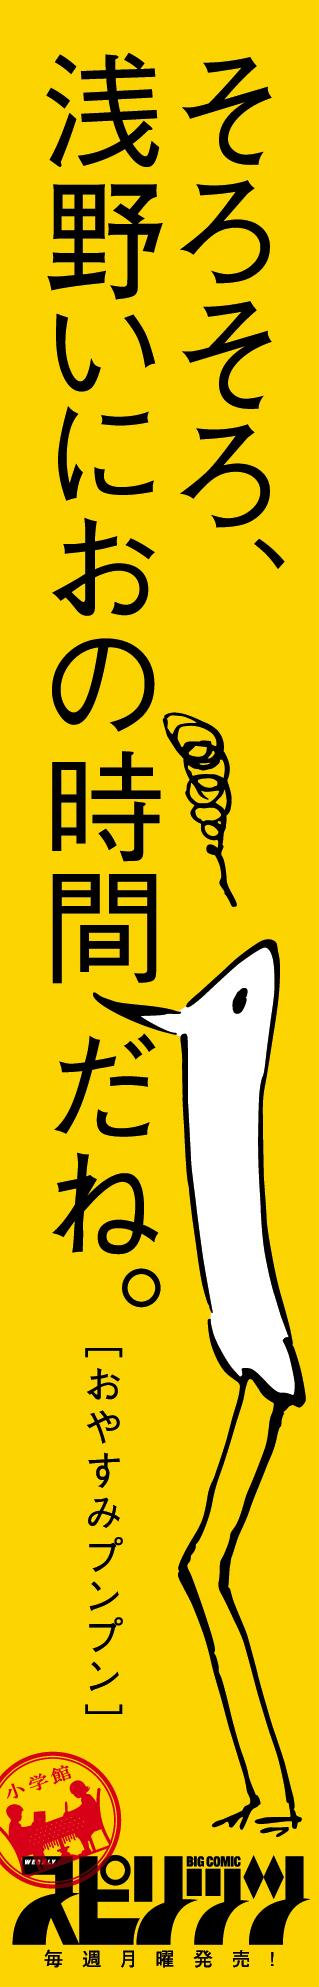 スピリッツ×浅野いにおさんの渋谷駅広告です_f0233625_18402161.jpg